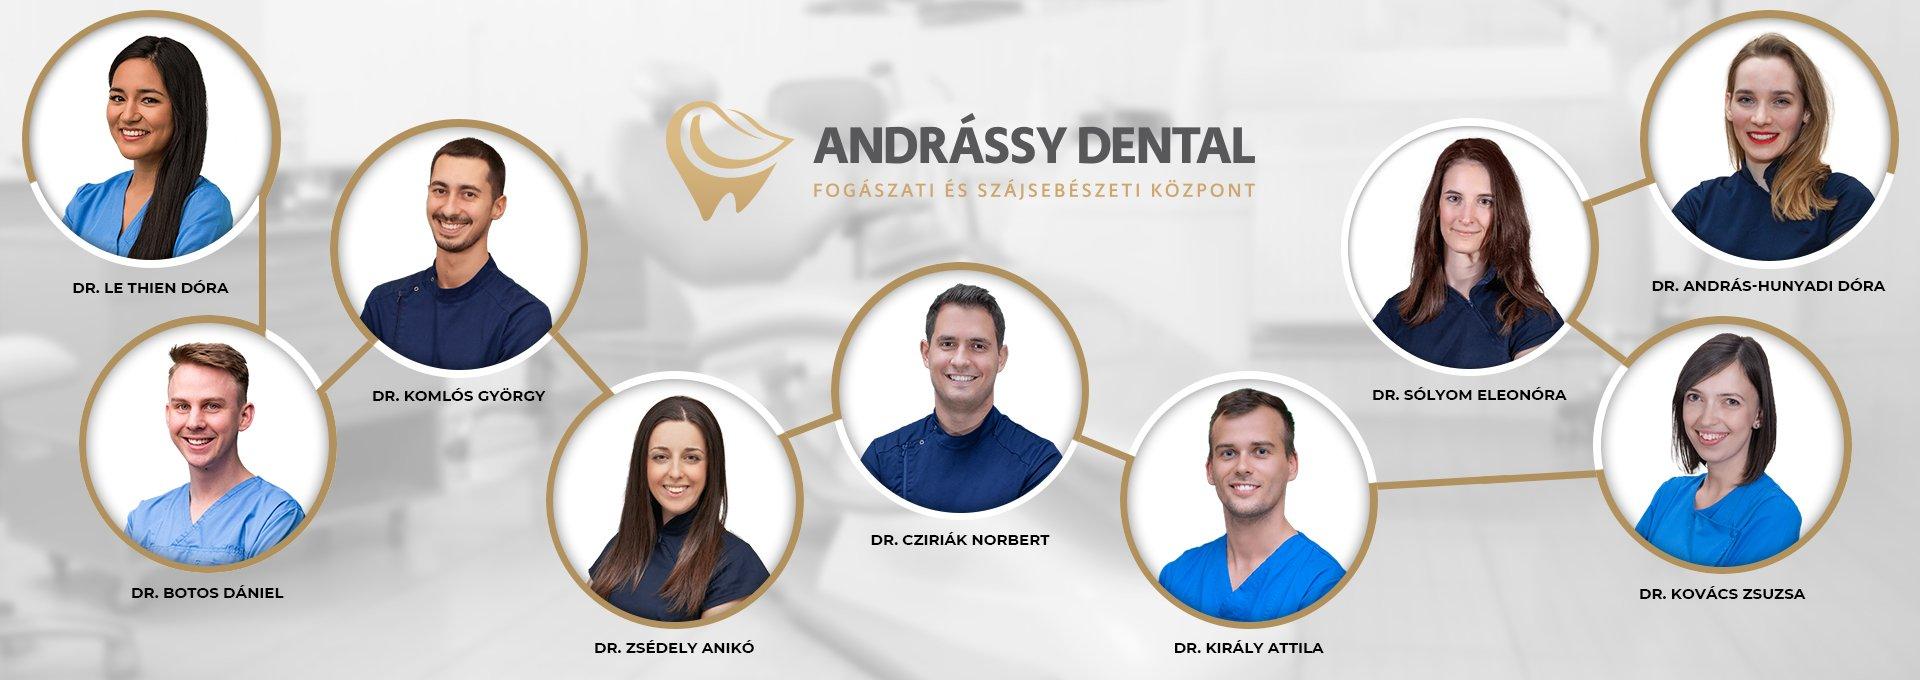 andrassy-dental-header-opt